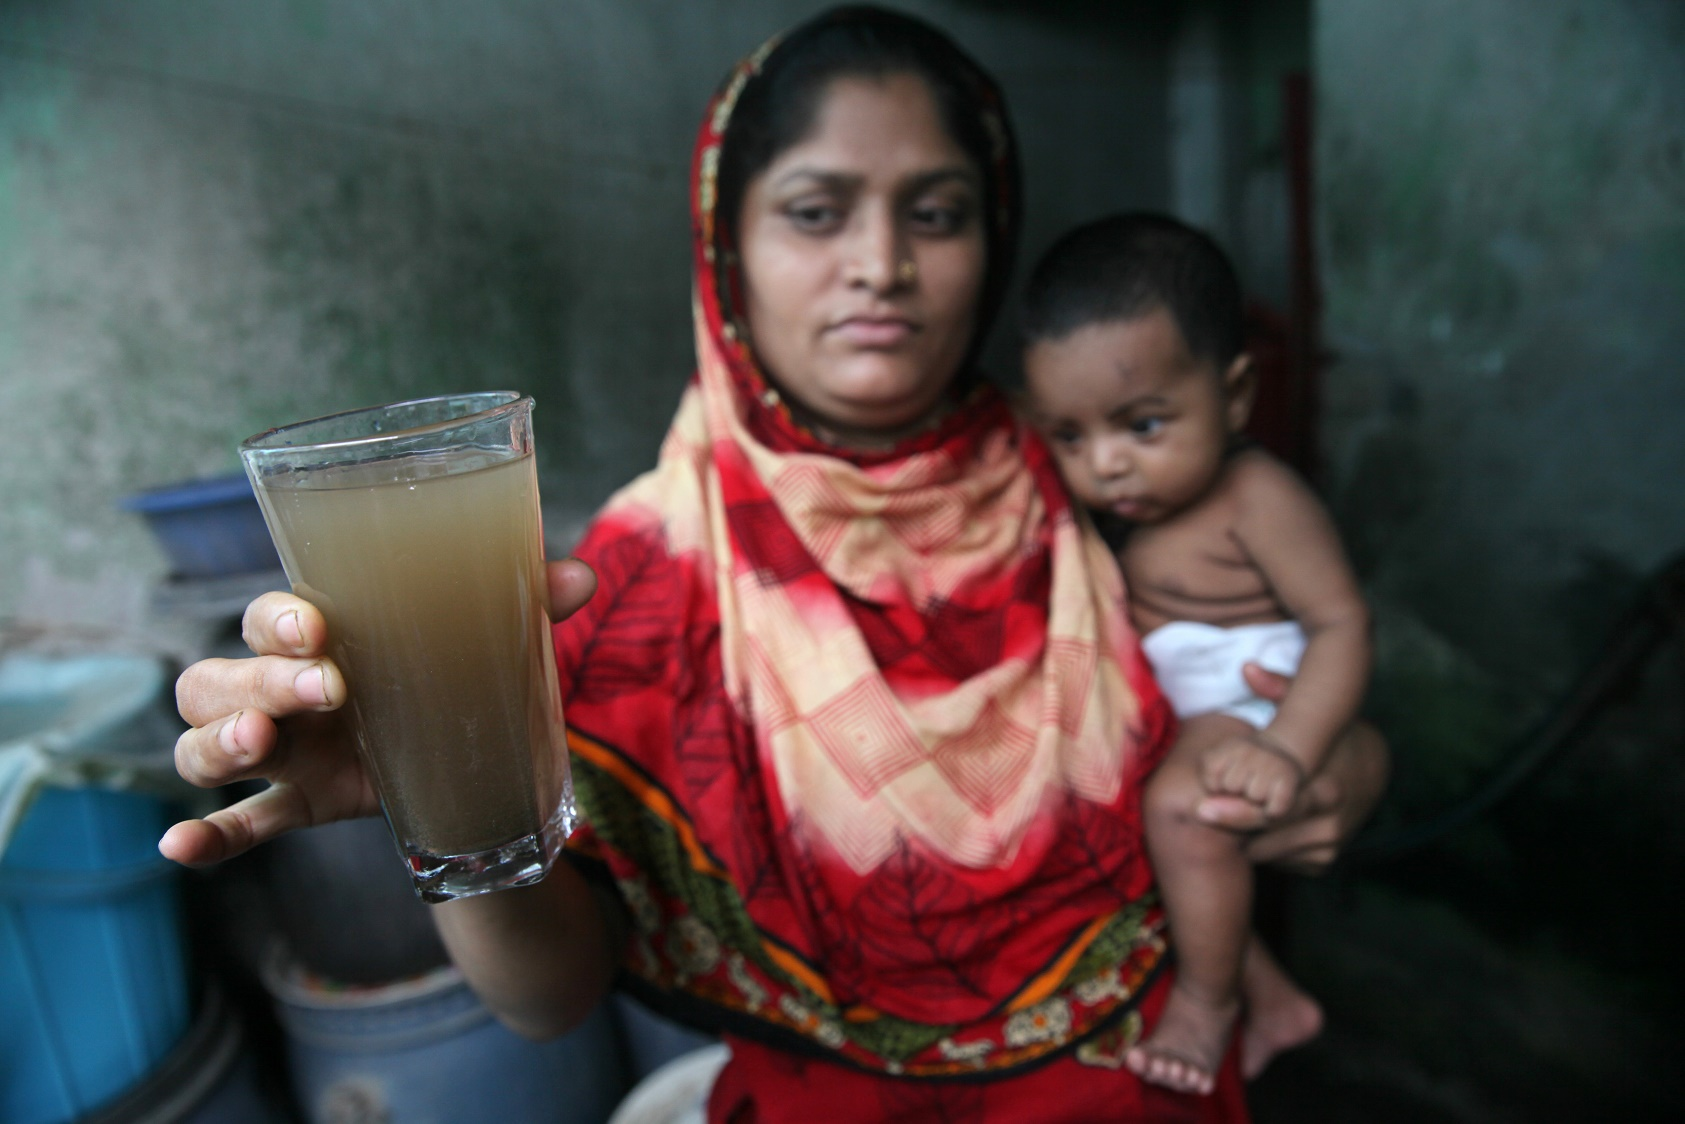 A contaminação da água é uma das principais causas da mortalidade infantil no mundo. Foto de Mehedi Nasan/NurPhoto